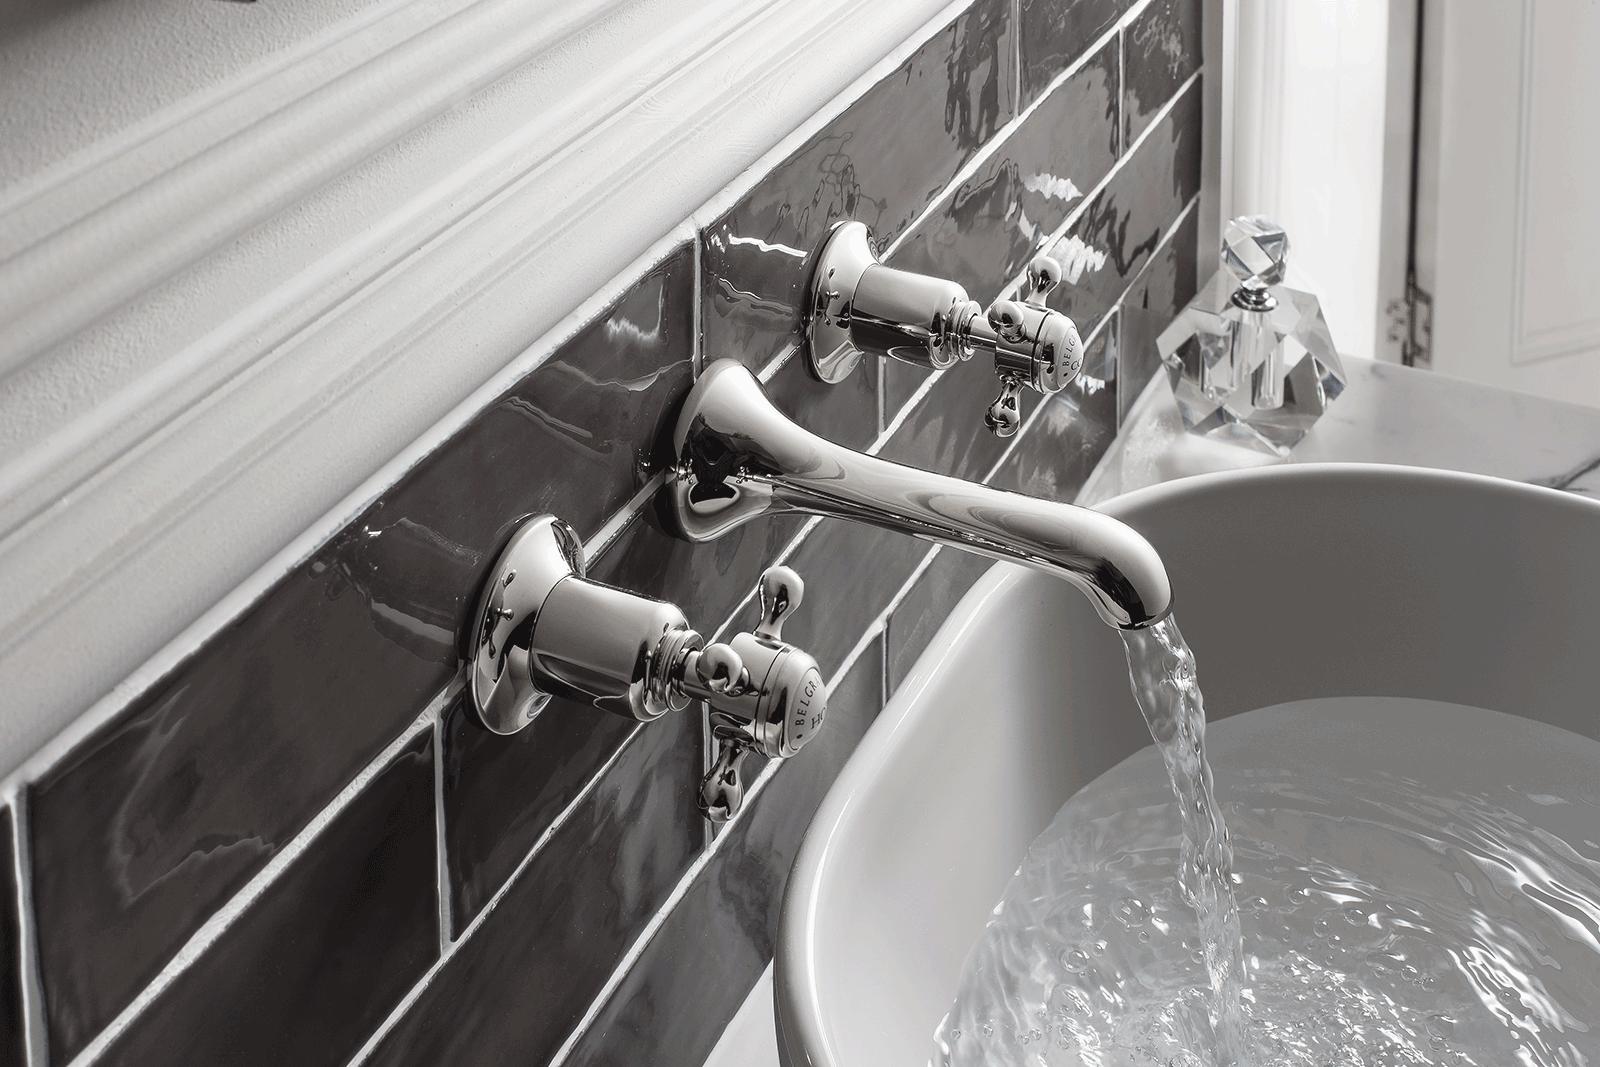 crosswater-belgravia-taps-mixer